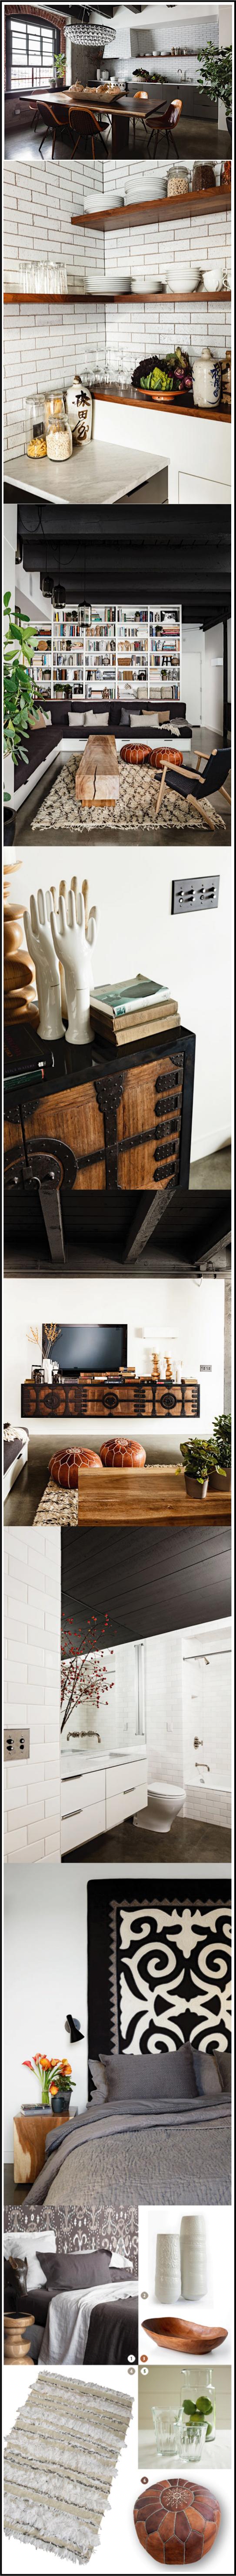 rehabilitation d'un loft par Jessica-Helgerson-Interior-design